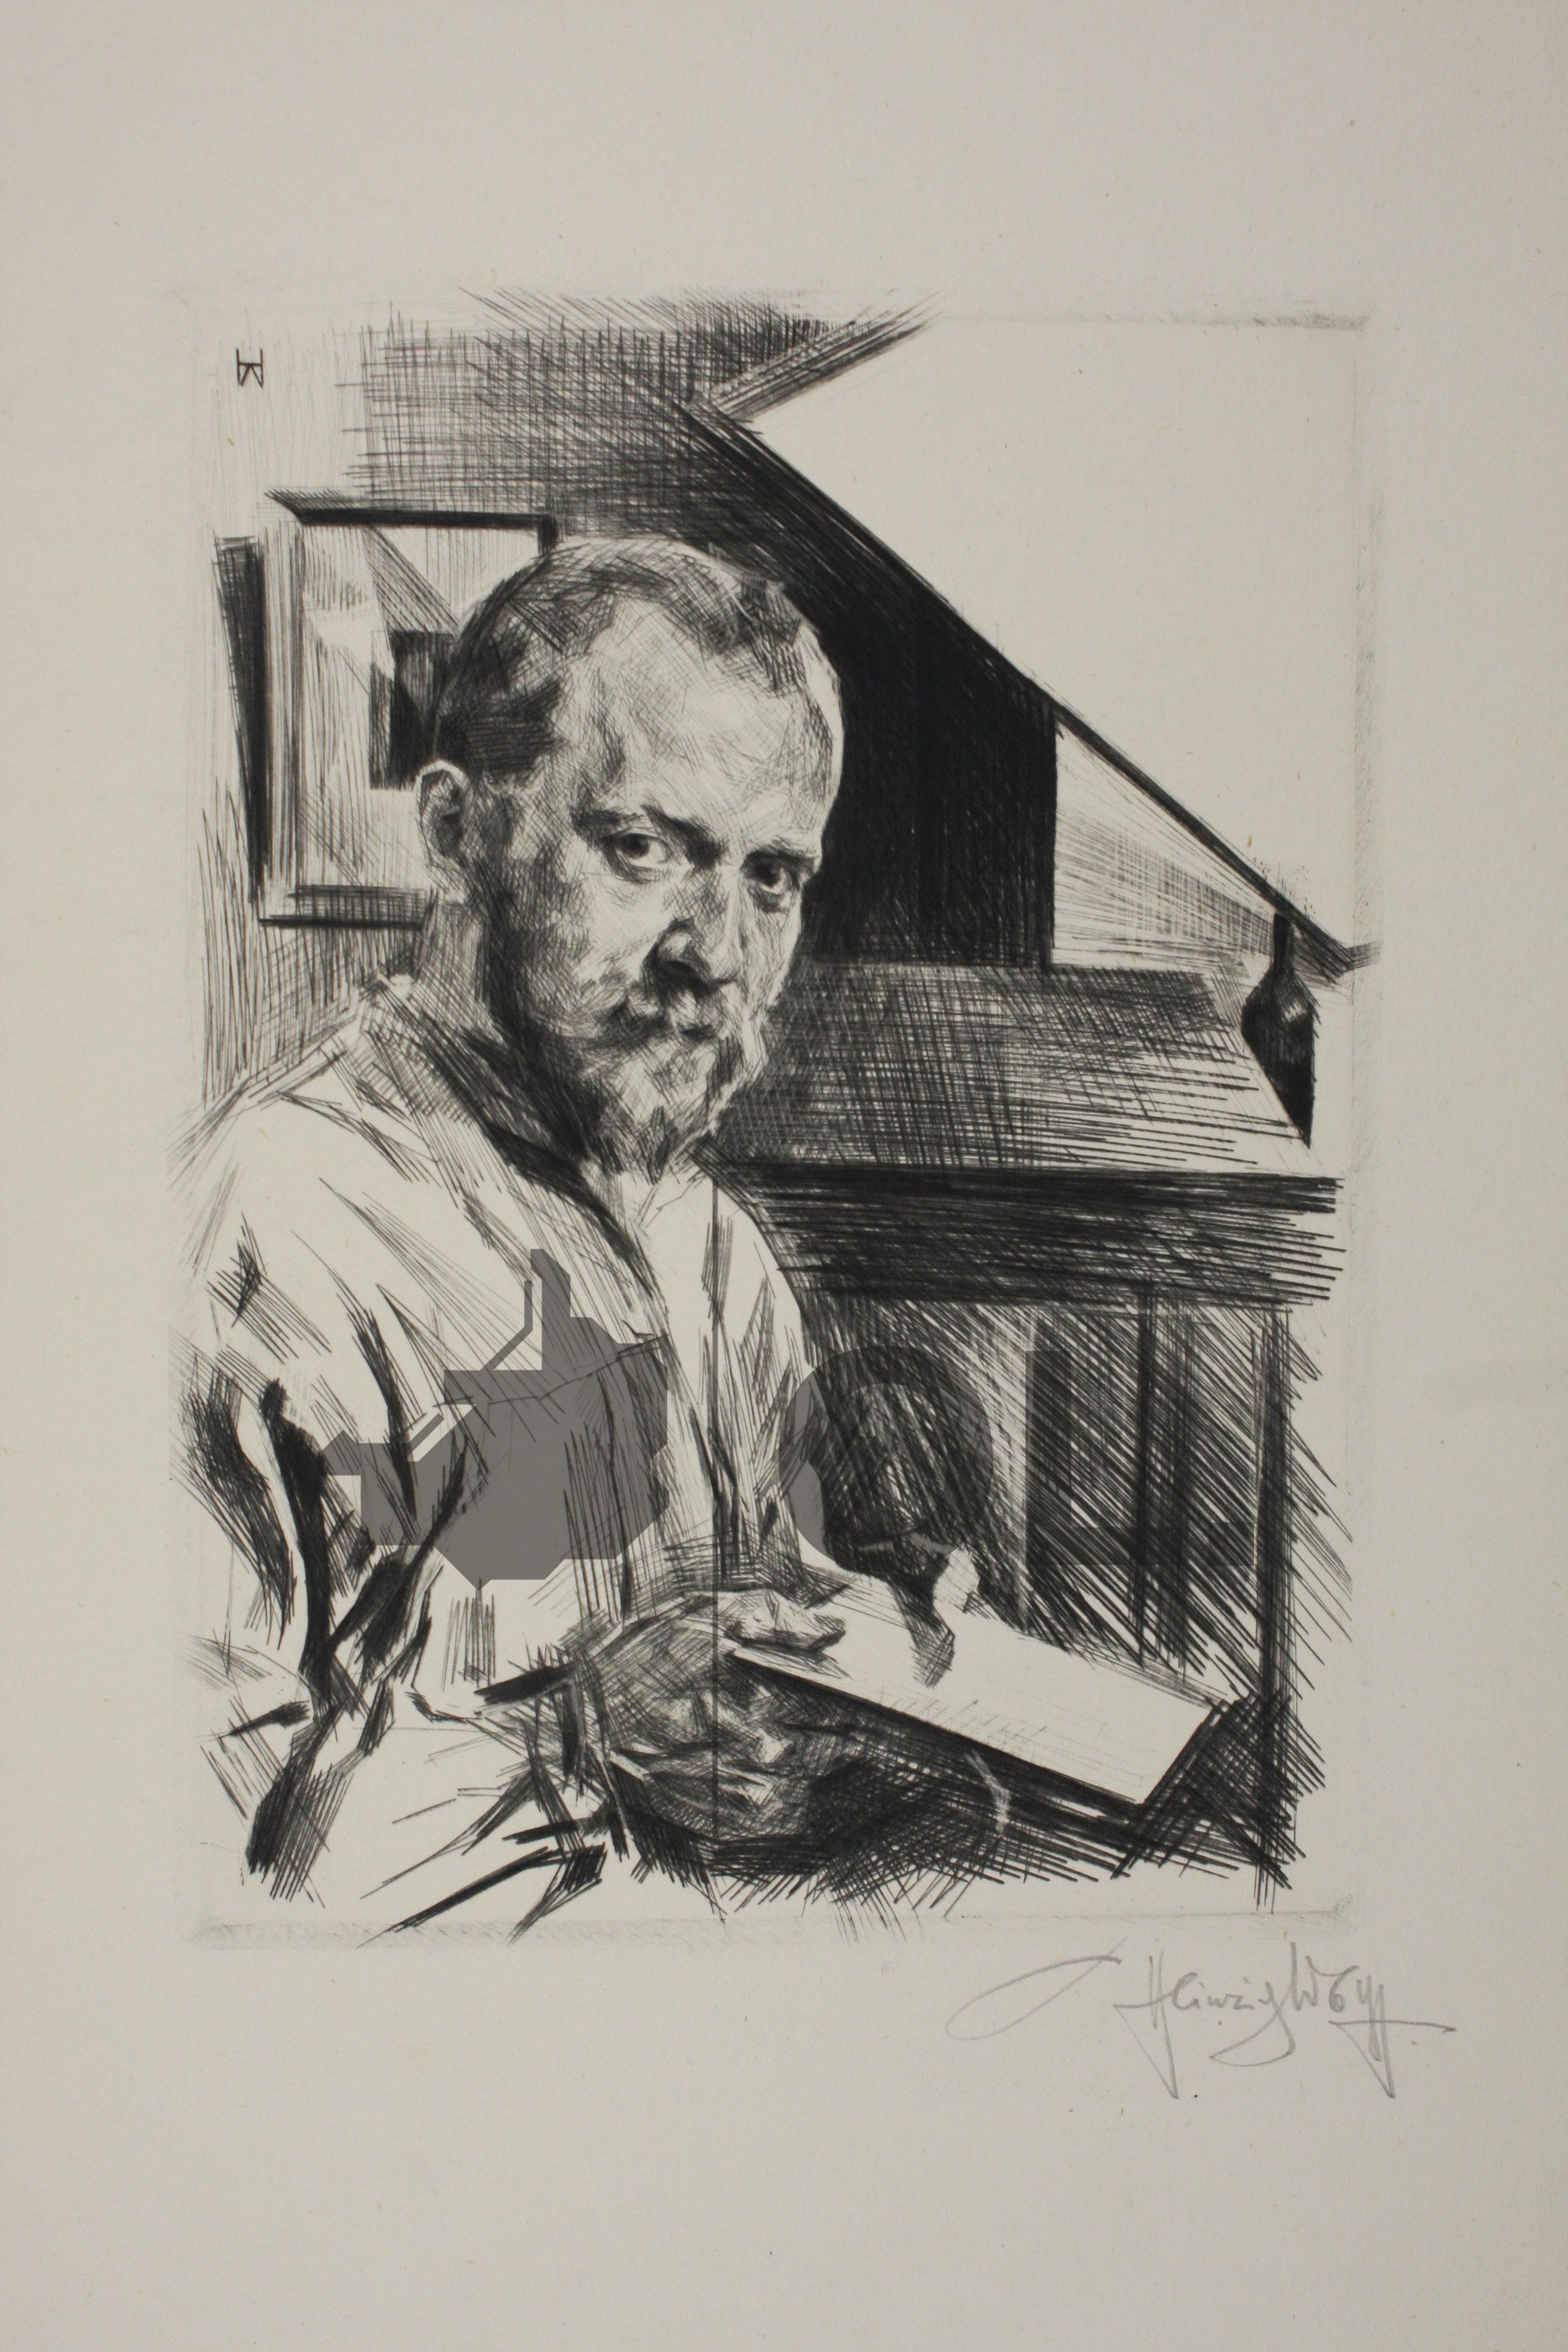 Carl-Wilhelm Hübner (1814-1879), Die Auswanderer, 1862